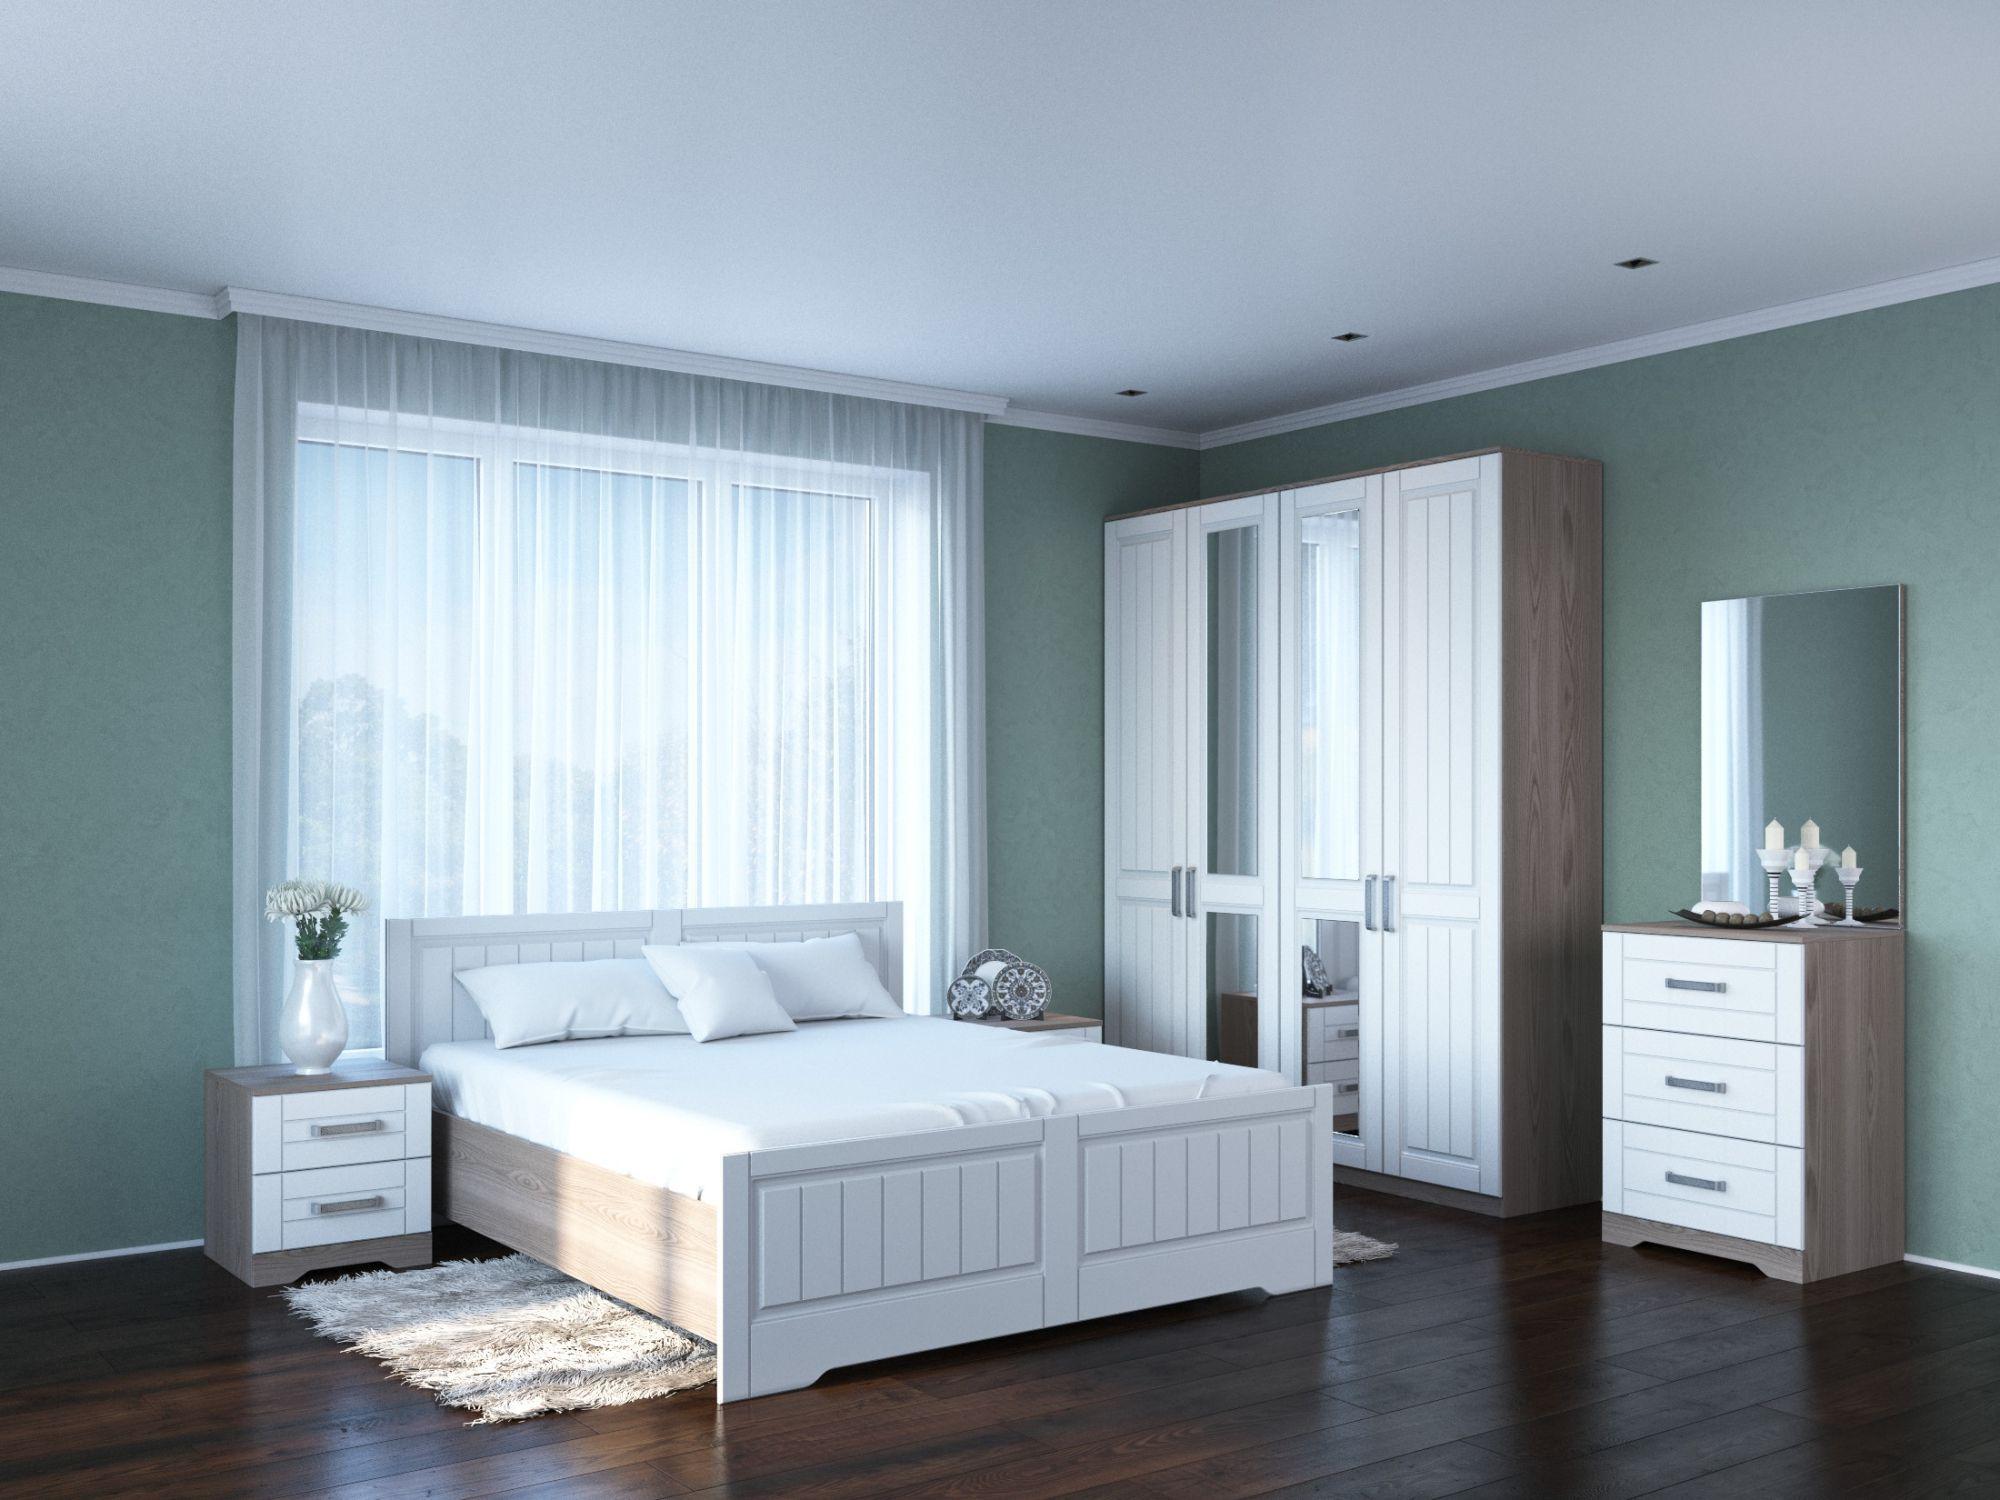 картонных белый спальный гарнитур картинки жизнь идет, постепенно